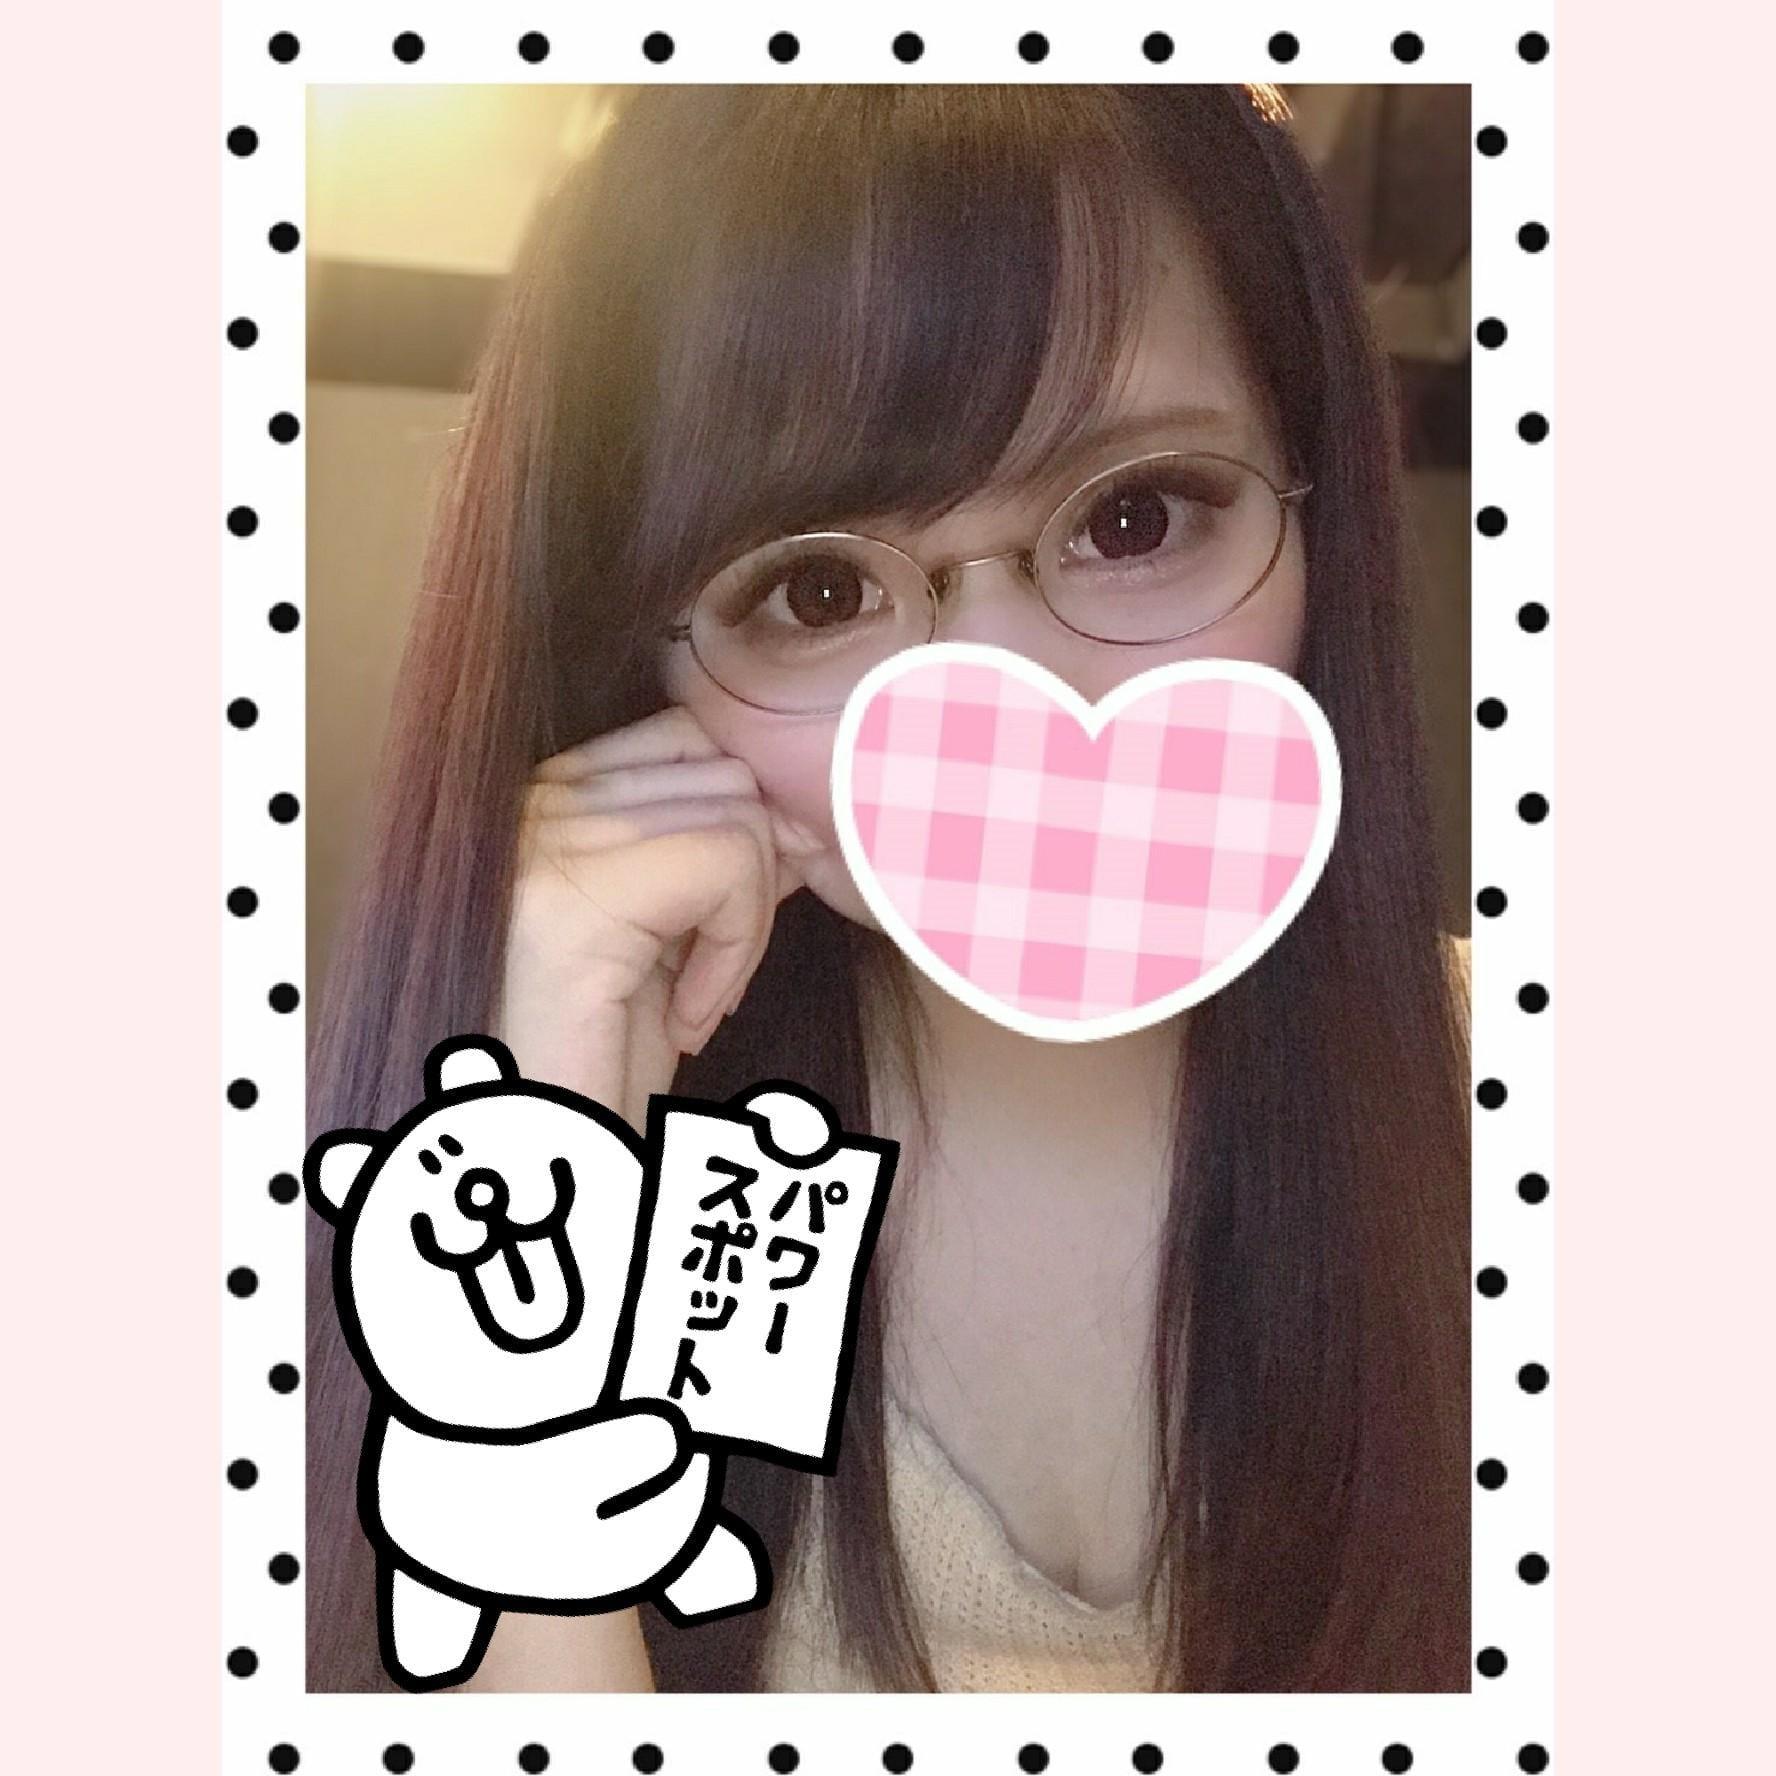 「ありがとう♪」09/12(09/12) 17:11 | マリアの写メ・風俗動画